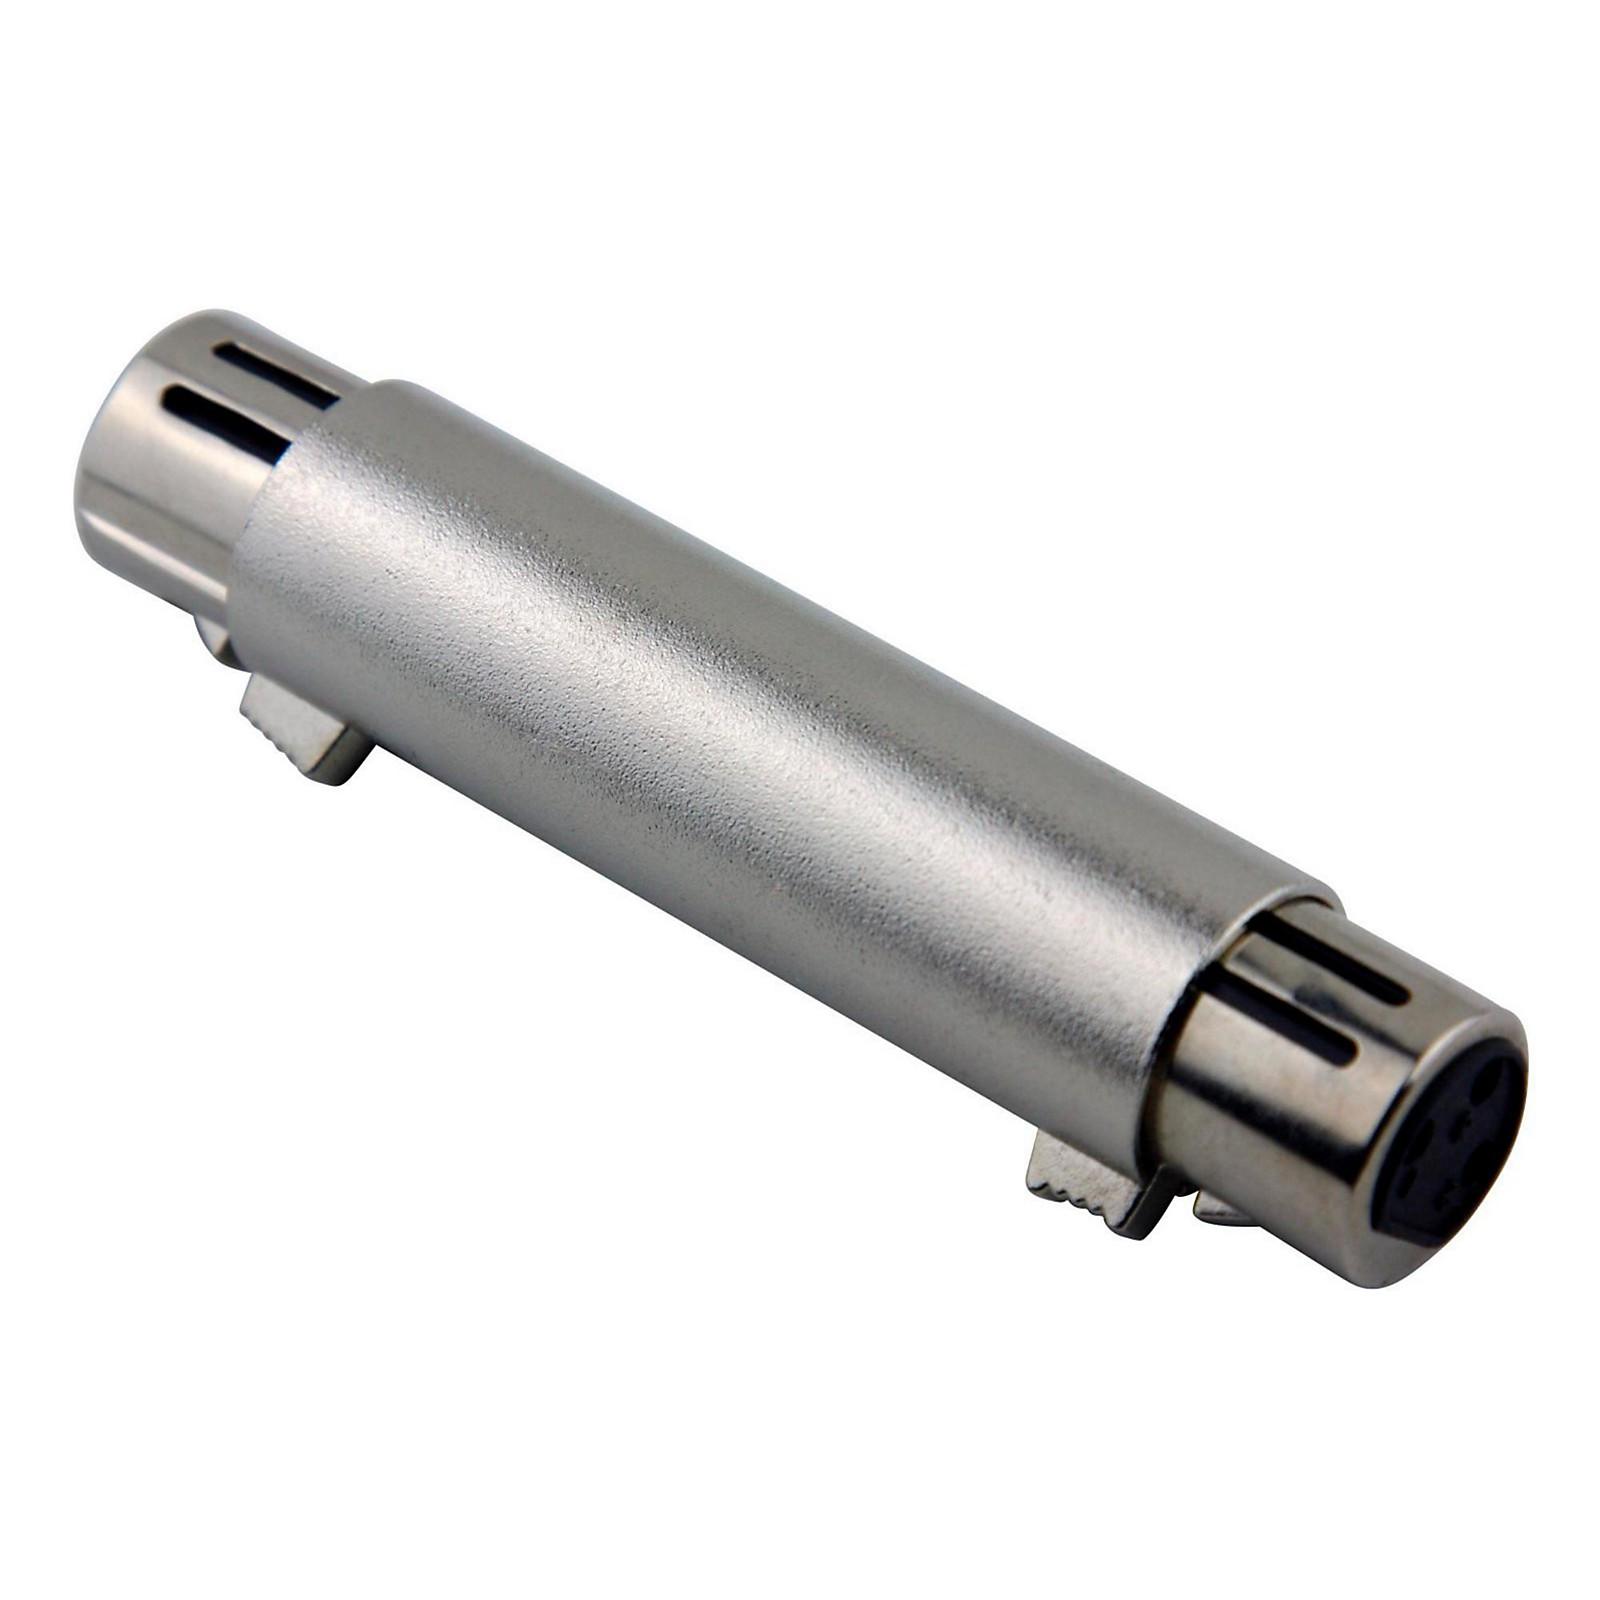 Pig Hog Solutions XLR(F) to XLR(F) Balanced Adapter